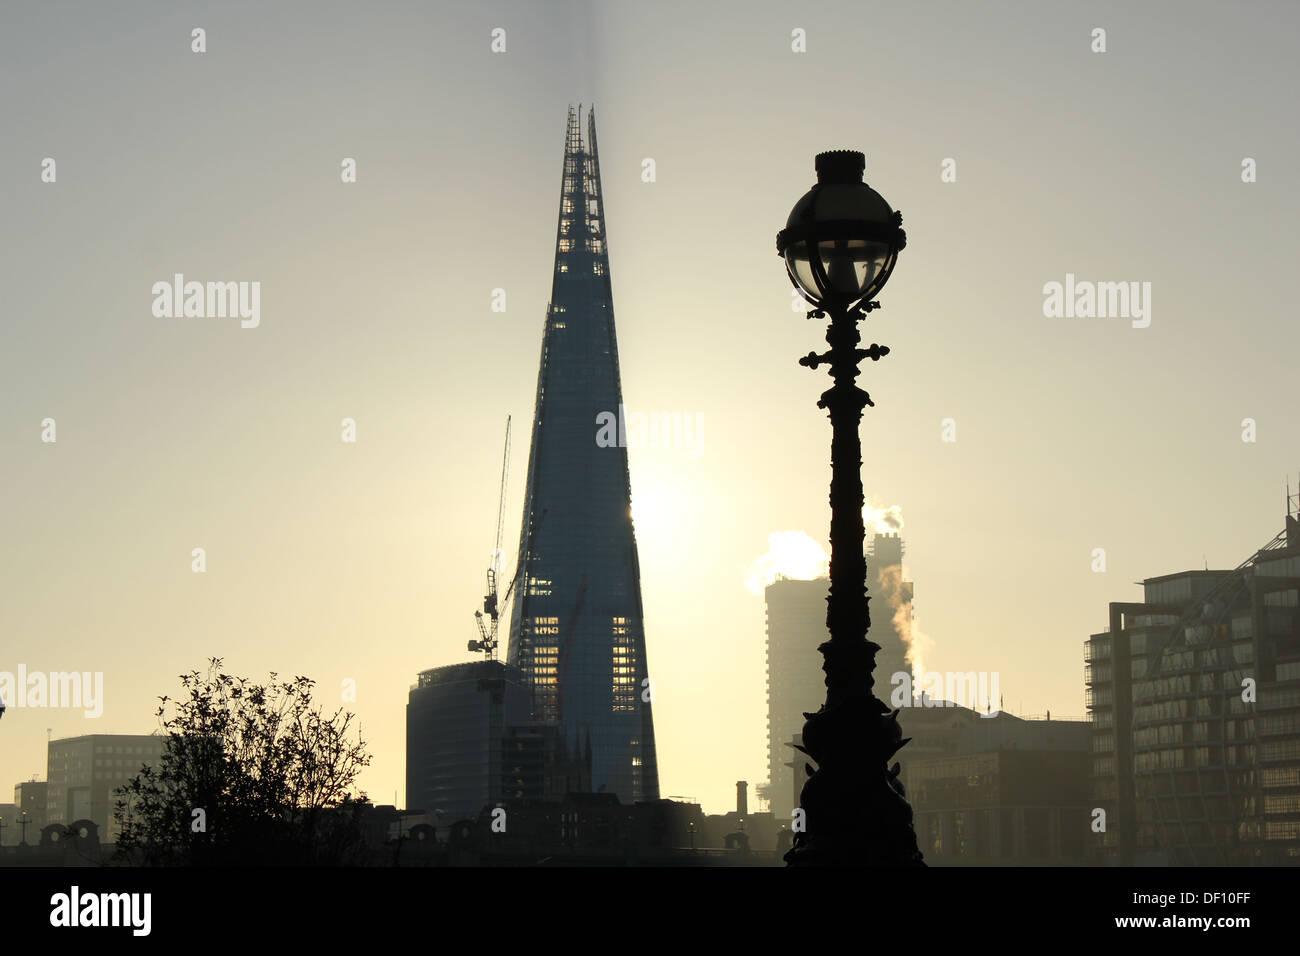 Immagine orizzontale del London Shard e una vecchia strada lampada nella luce del mattino del vapore in uscita degli Foto Stock